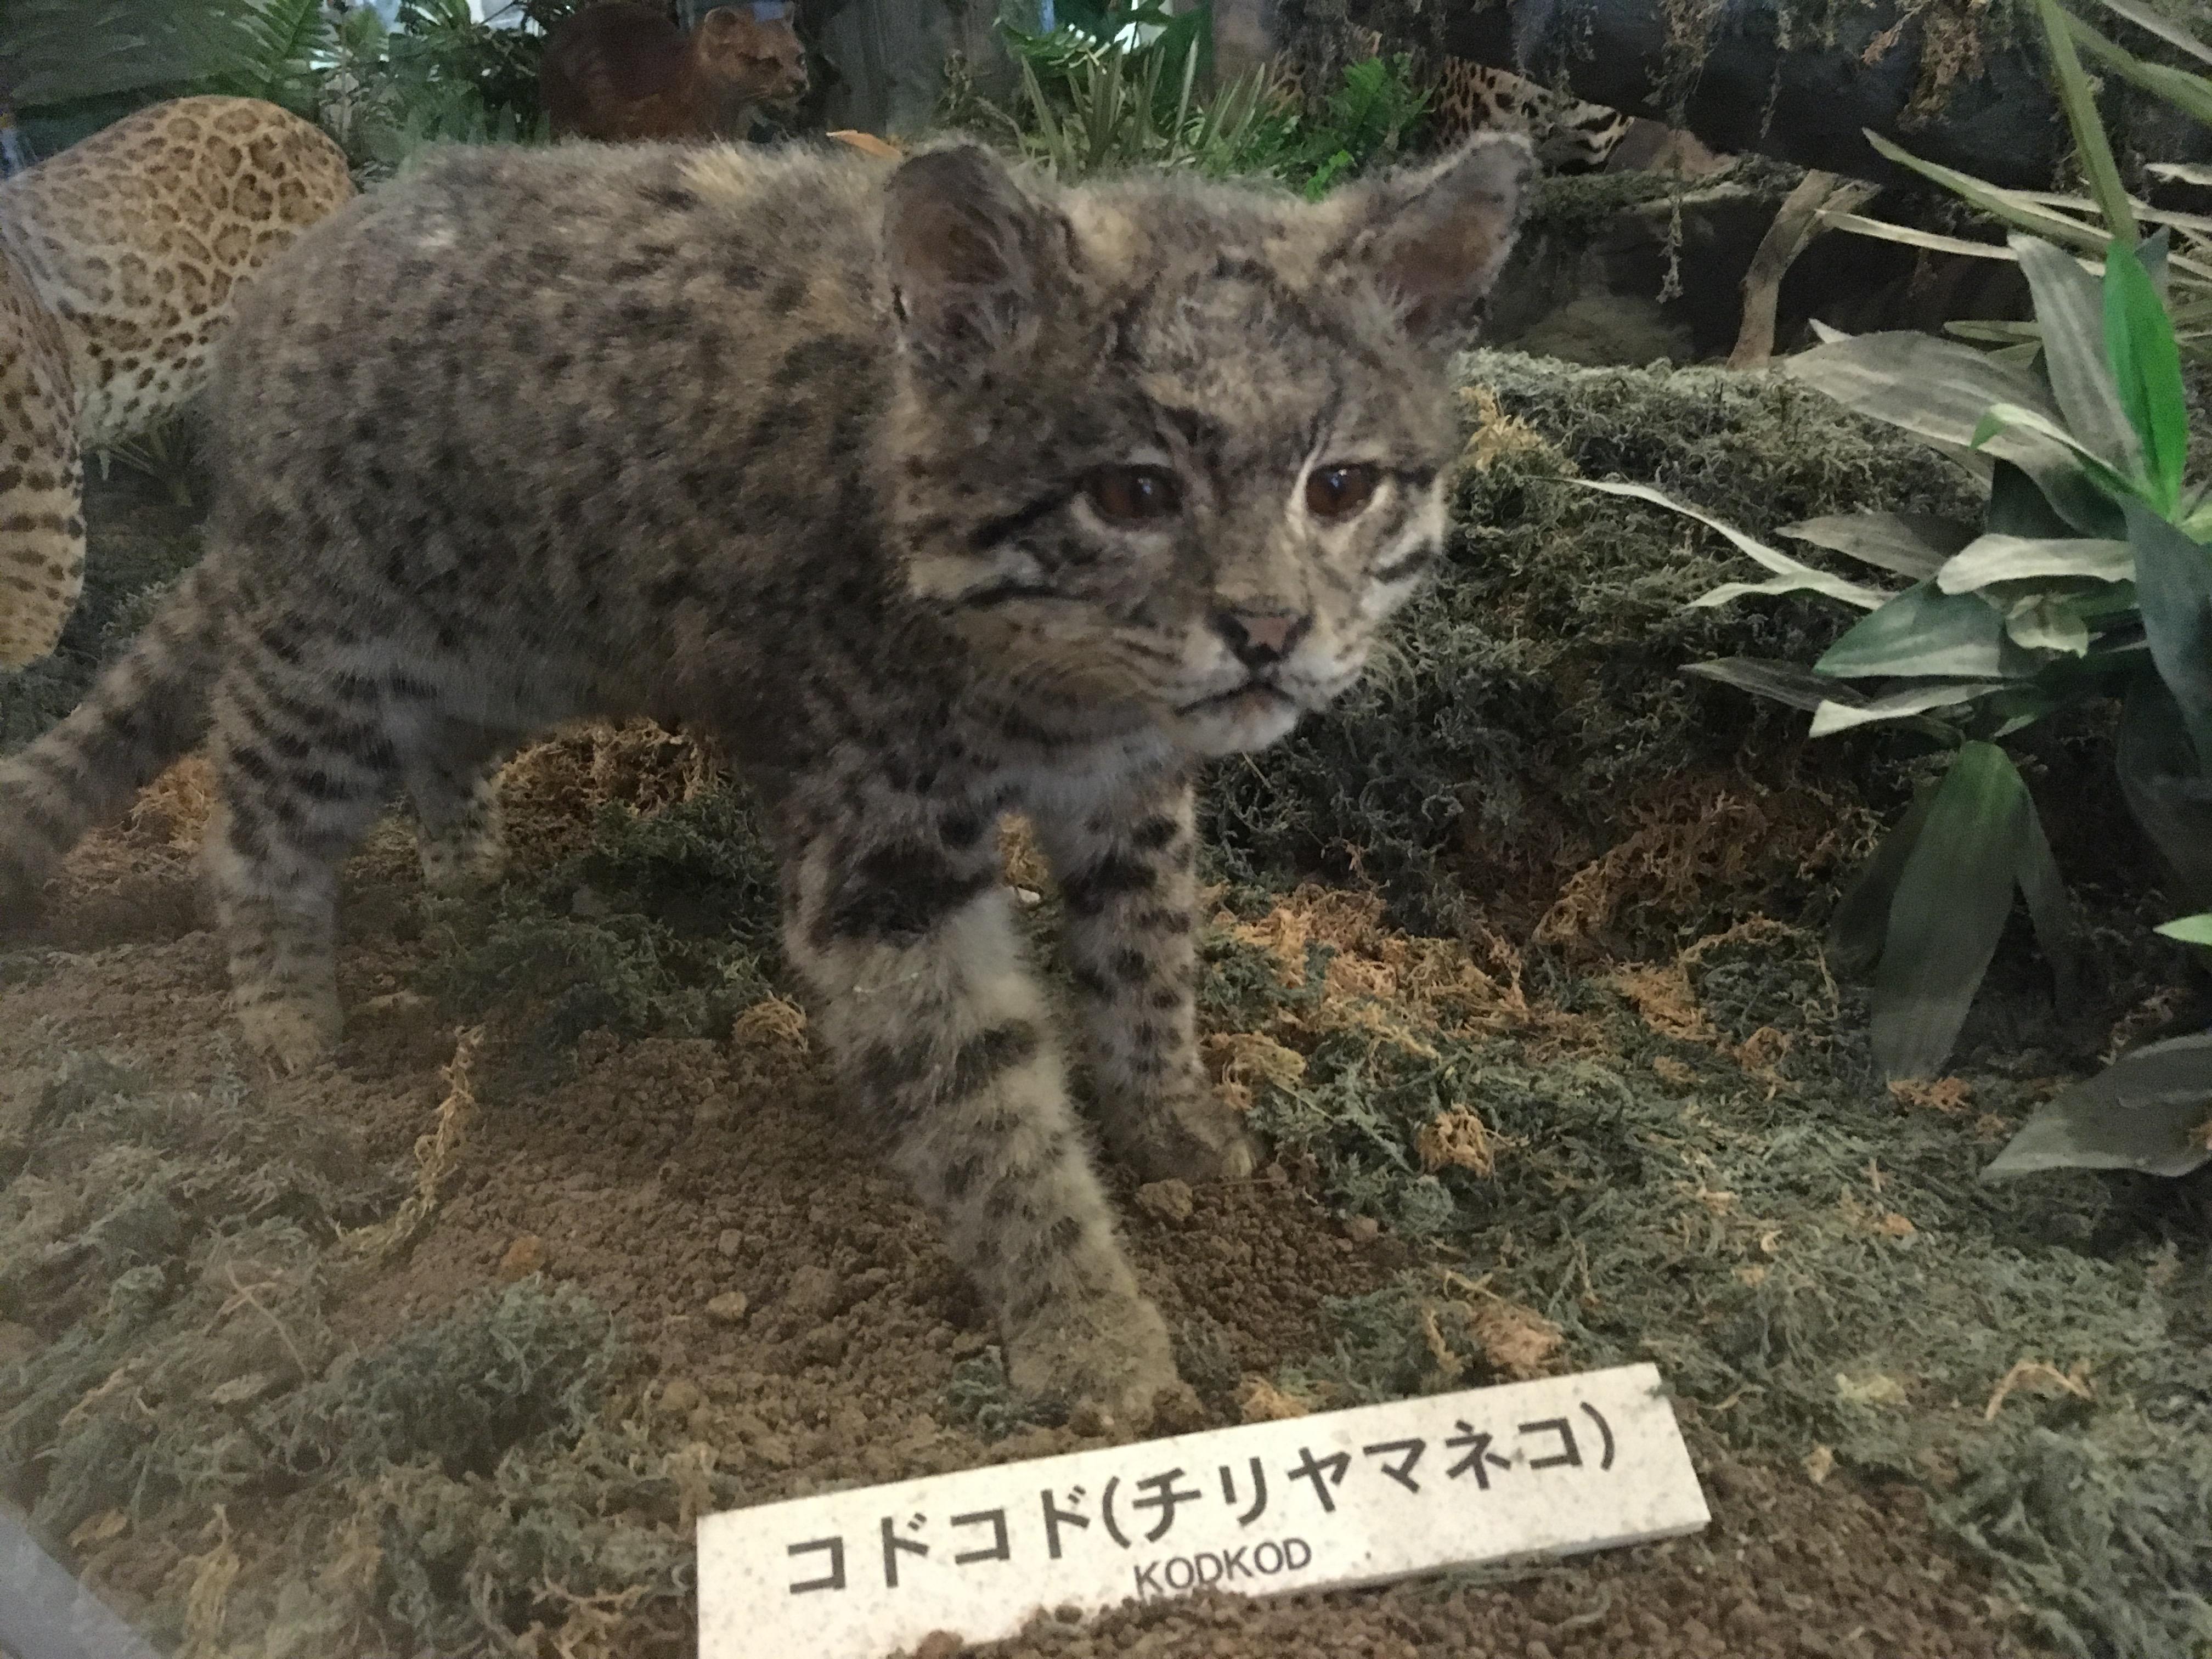 静岡の穴場ねこの博物館1階のネコ科たちかわいいやつ